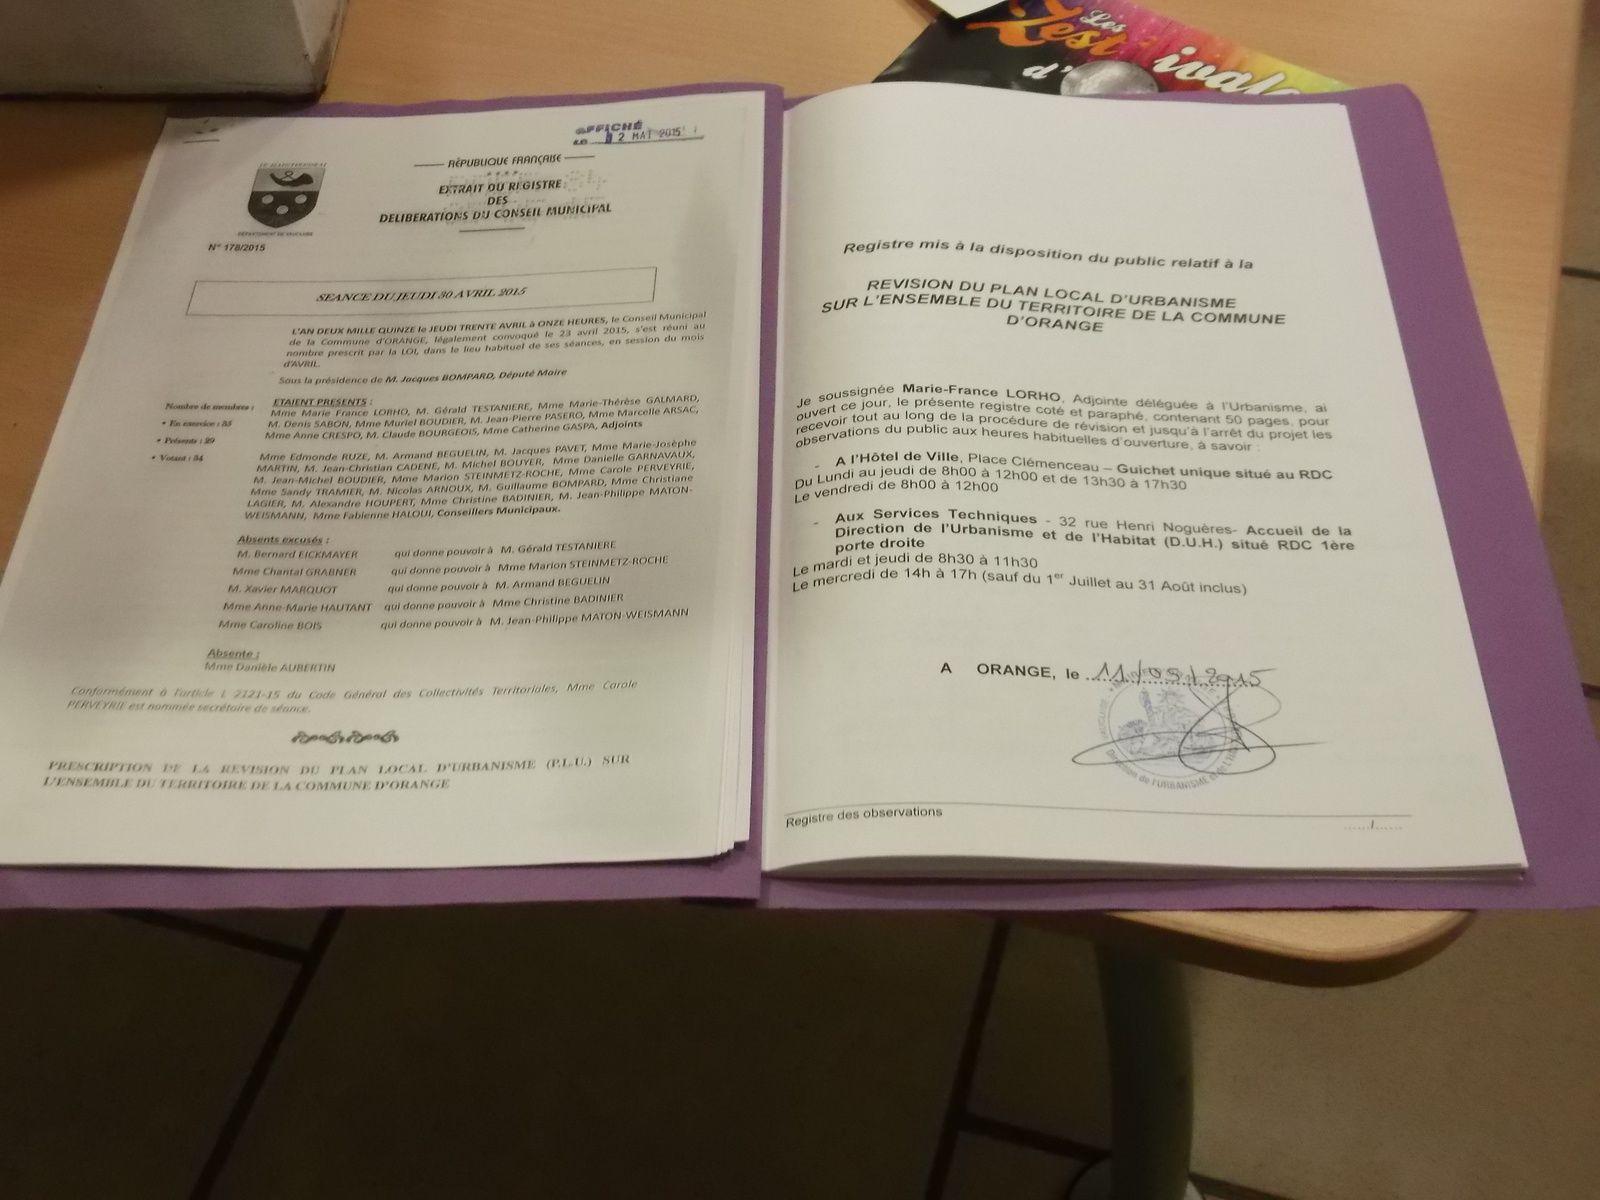 Voici le document mis a disposition pour recevoir les doléances, demandes, remarques des Orangeois.